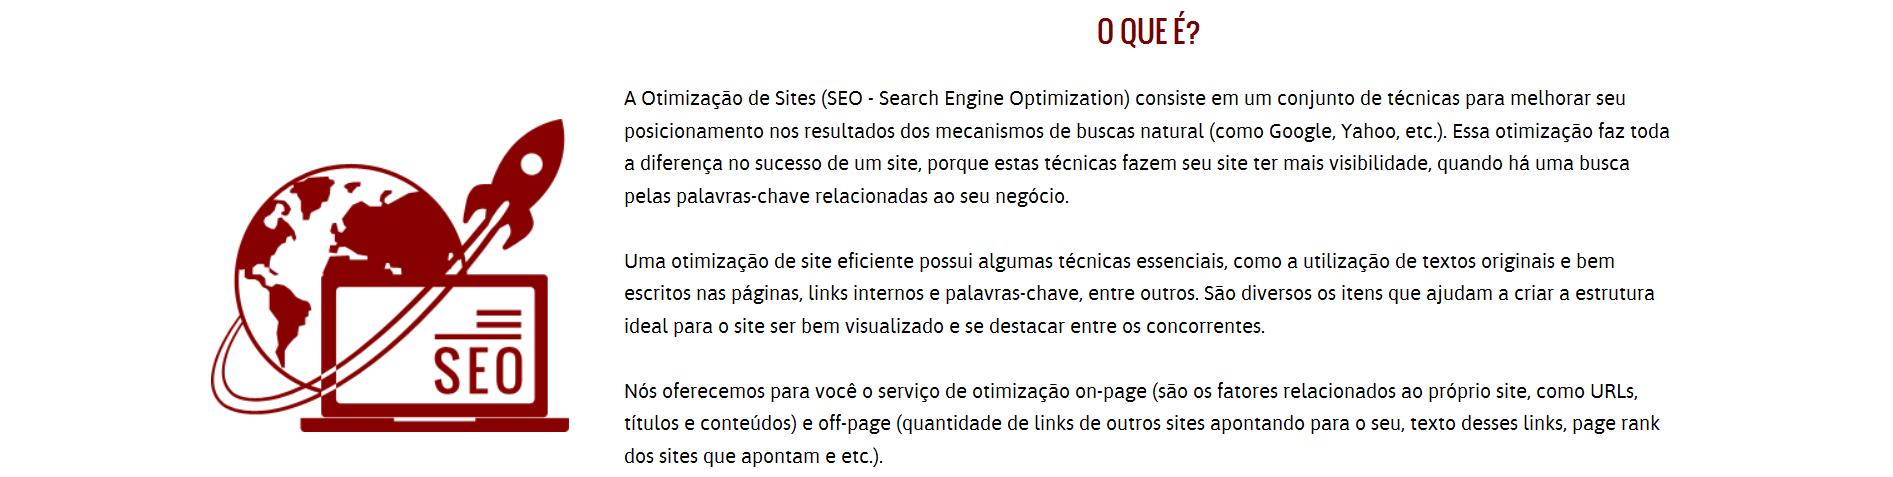 o-que-e-otimizacao-sites-seo